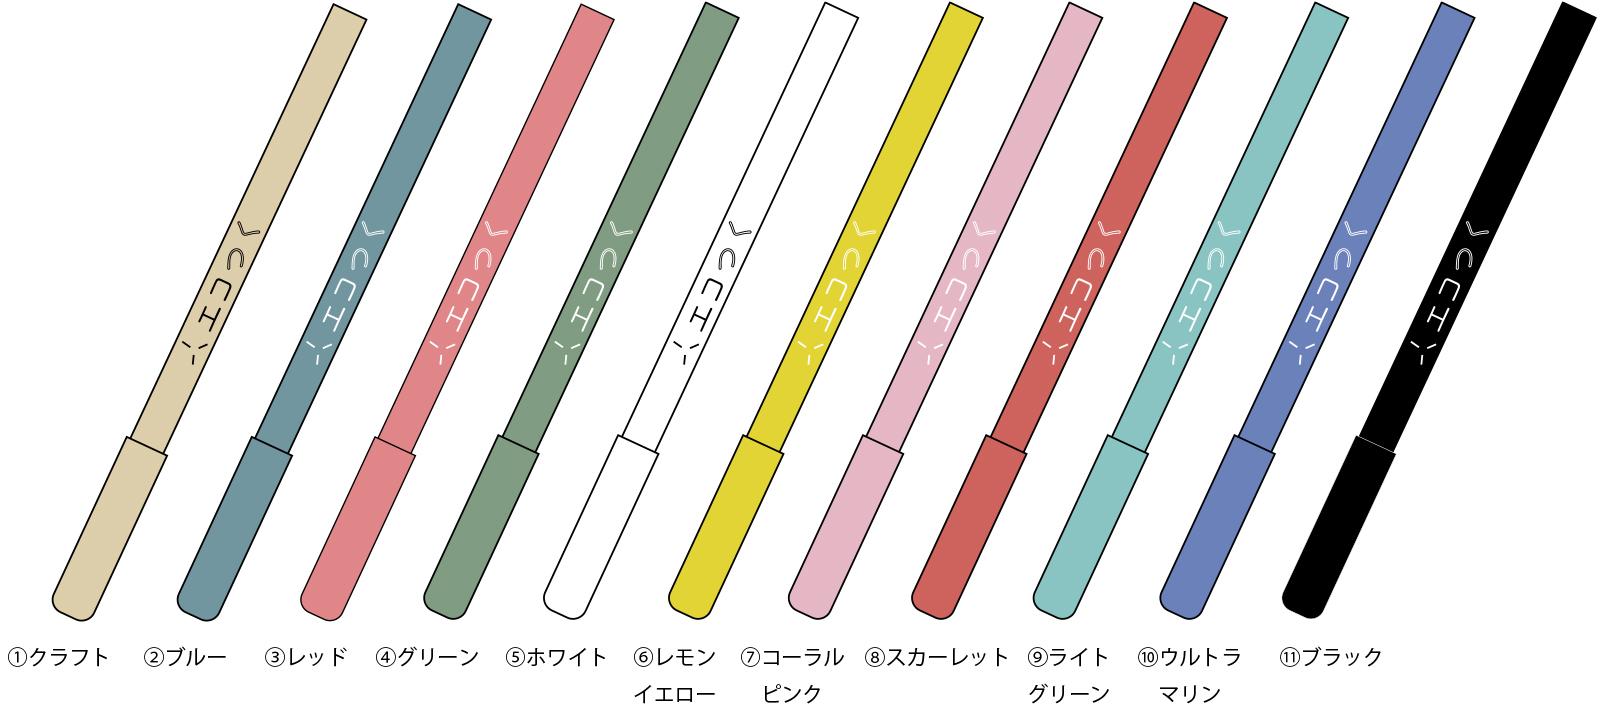 kamipenキャップ付きペン本体色カラー見本